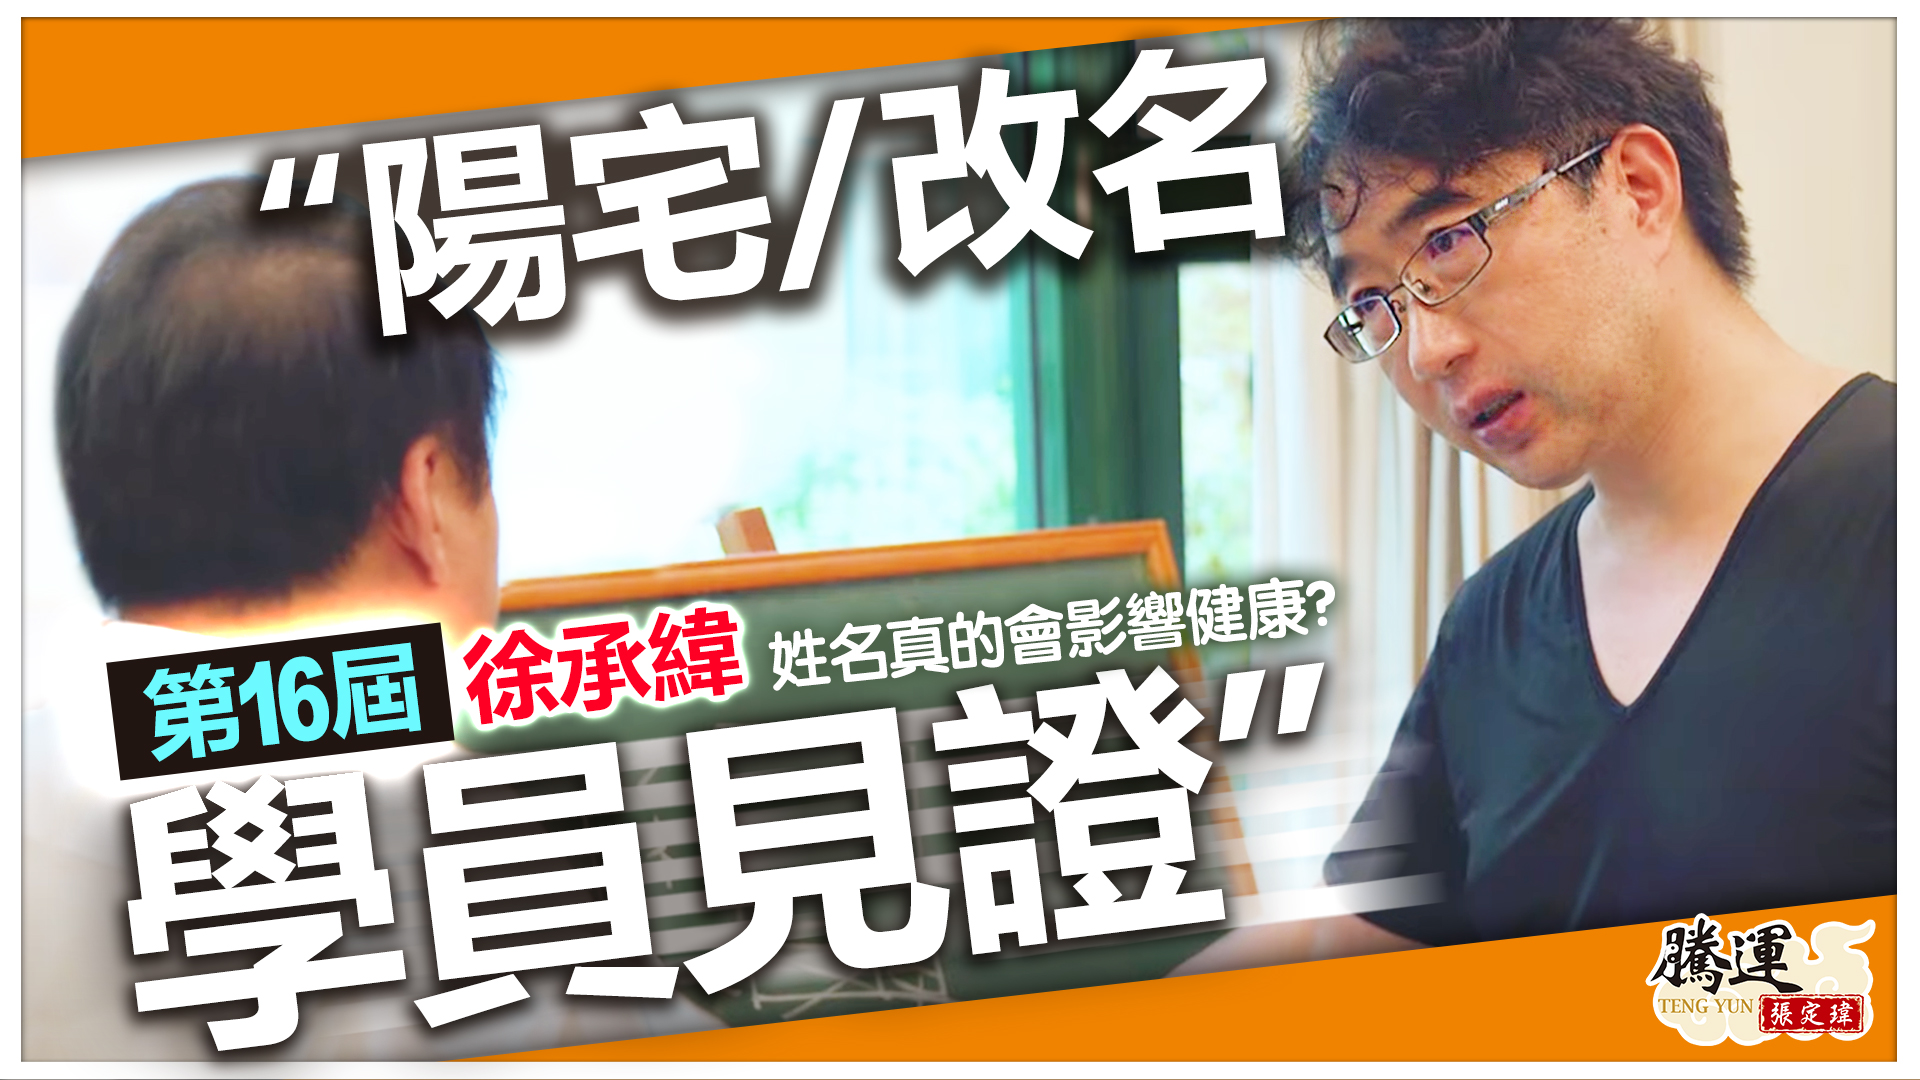 【第16屆徐承緯-姓名學學員見證】— 騰運文化張定瑋